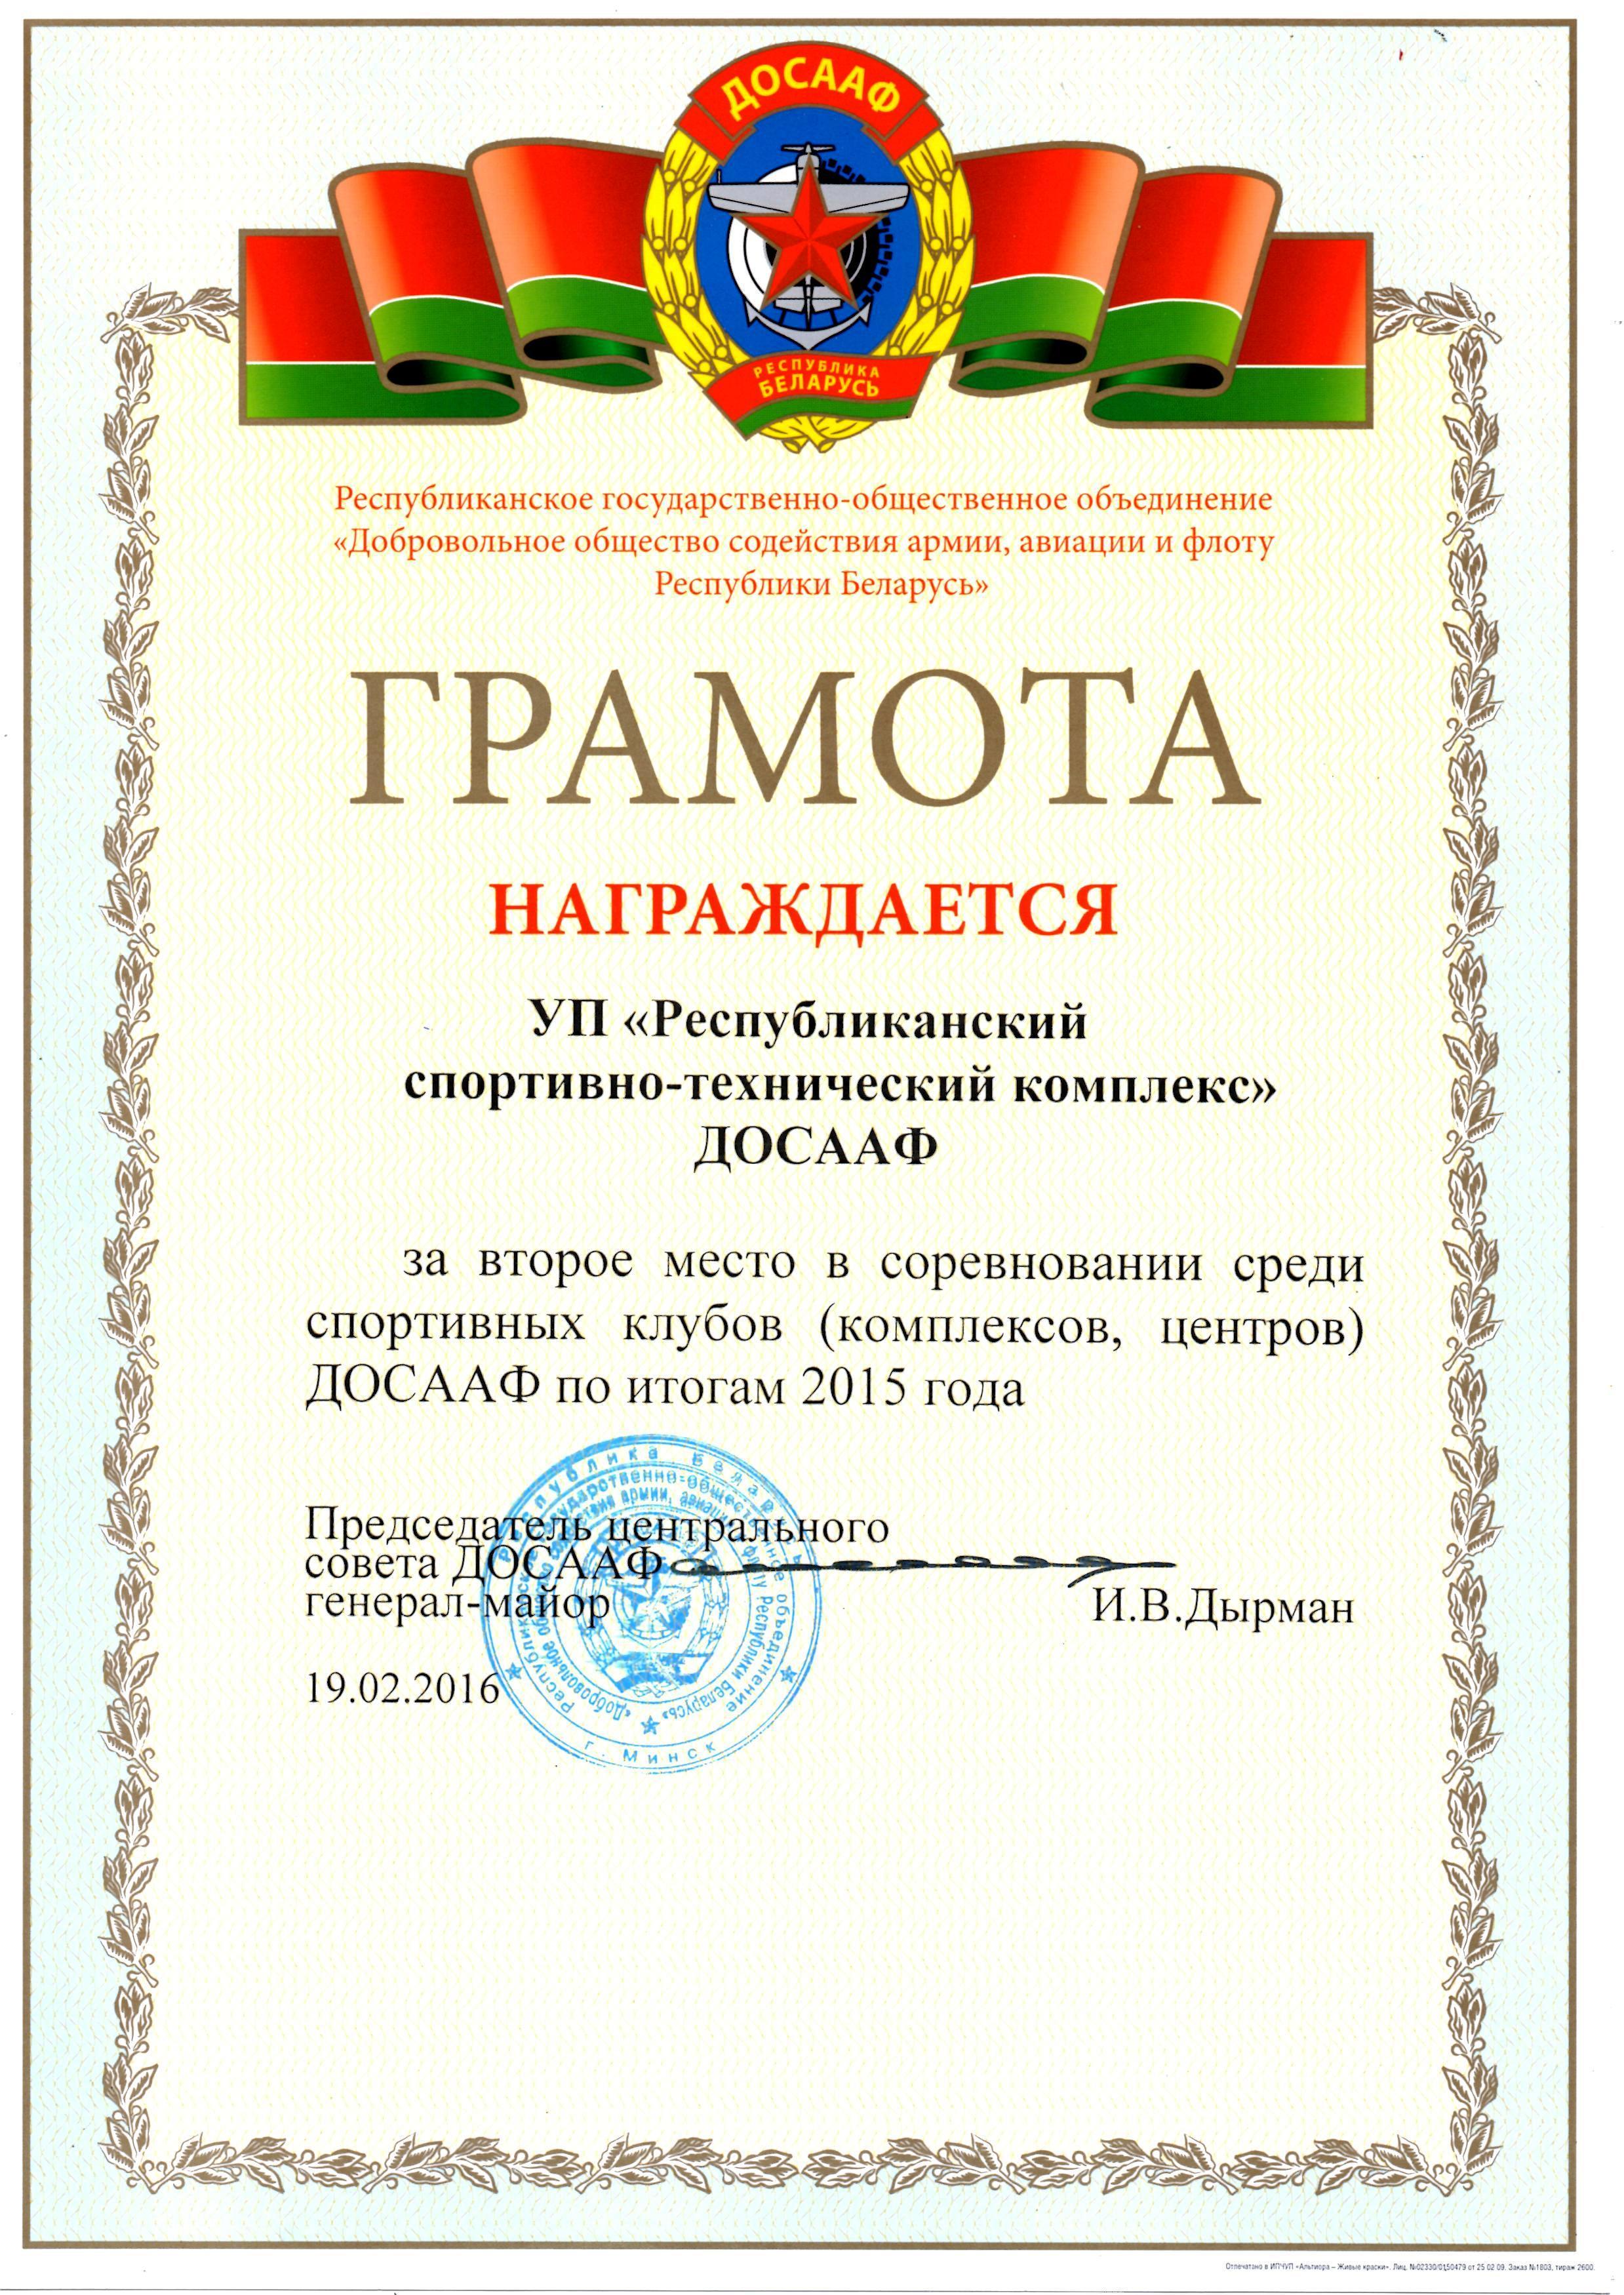 Грамота за 2 место в соревновании спорторганизаций в 2015 году